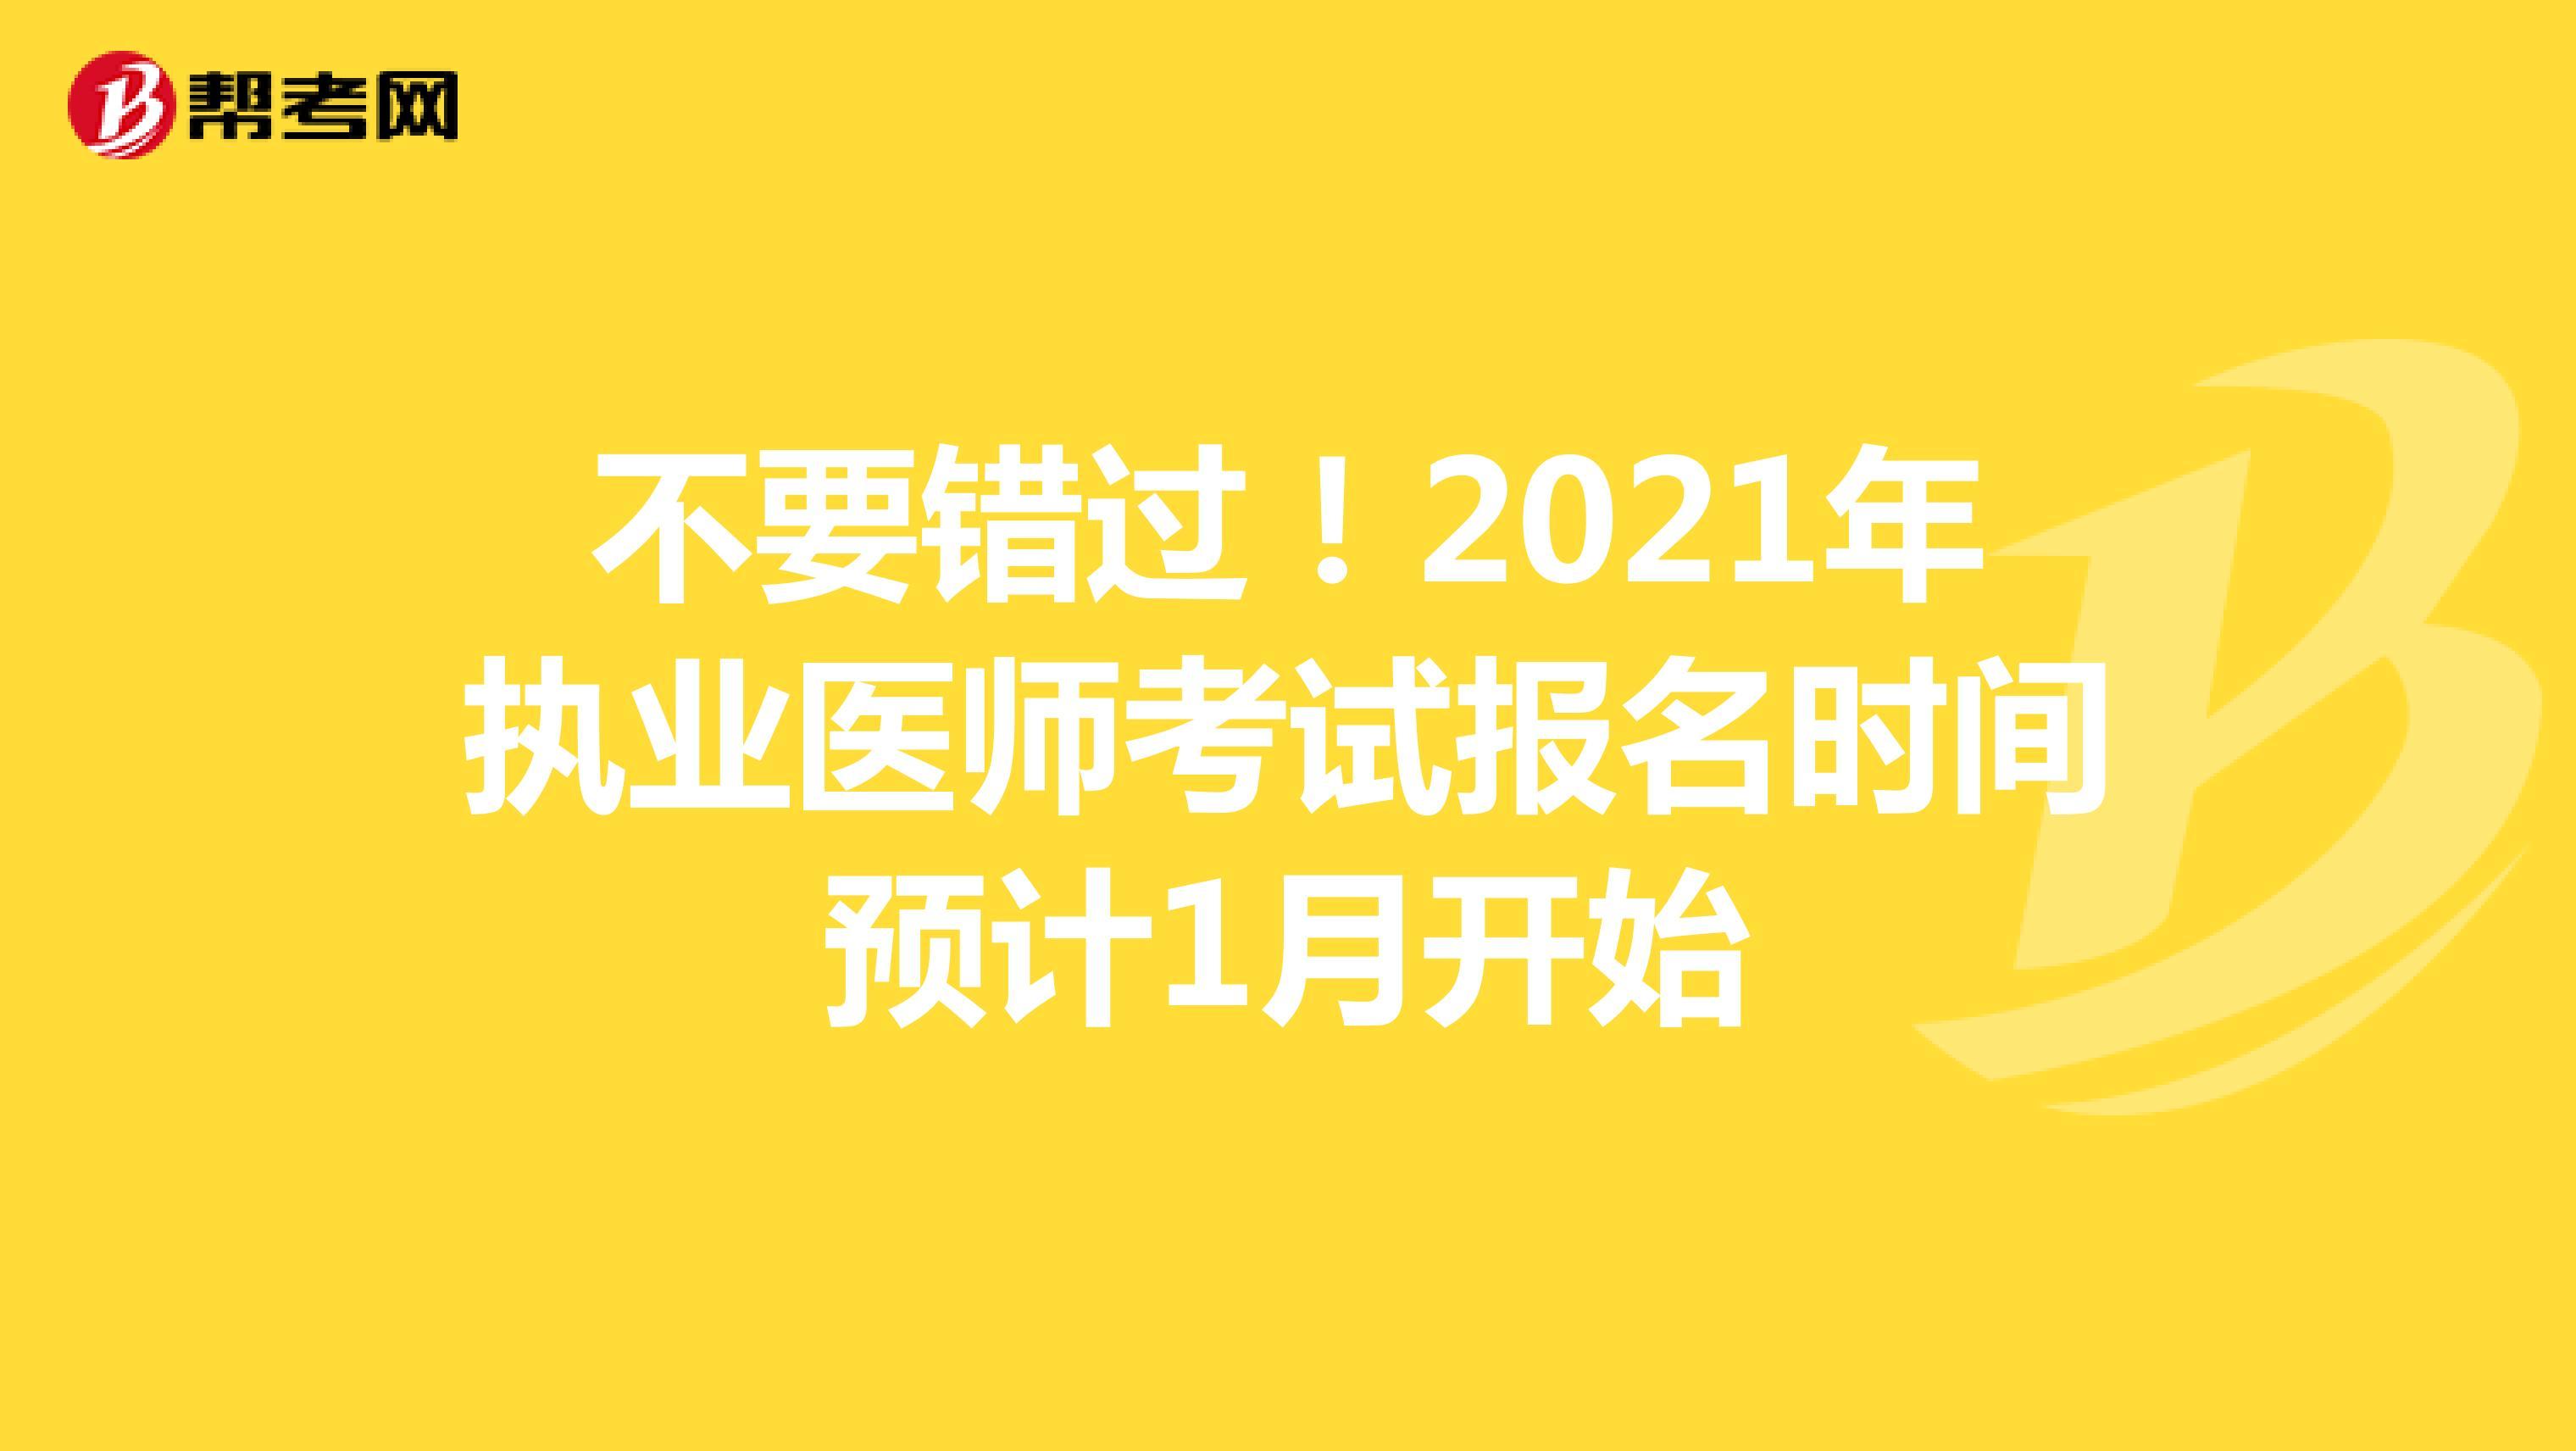 不要錯過!2021年執業醫師考試報名時間預計1月開始